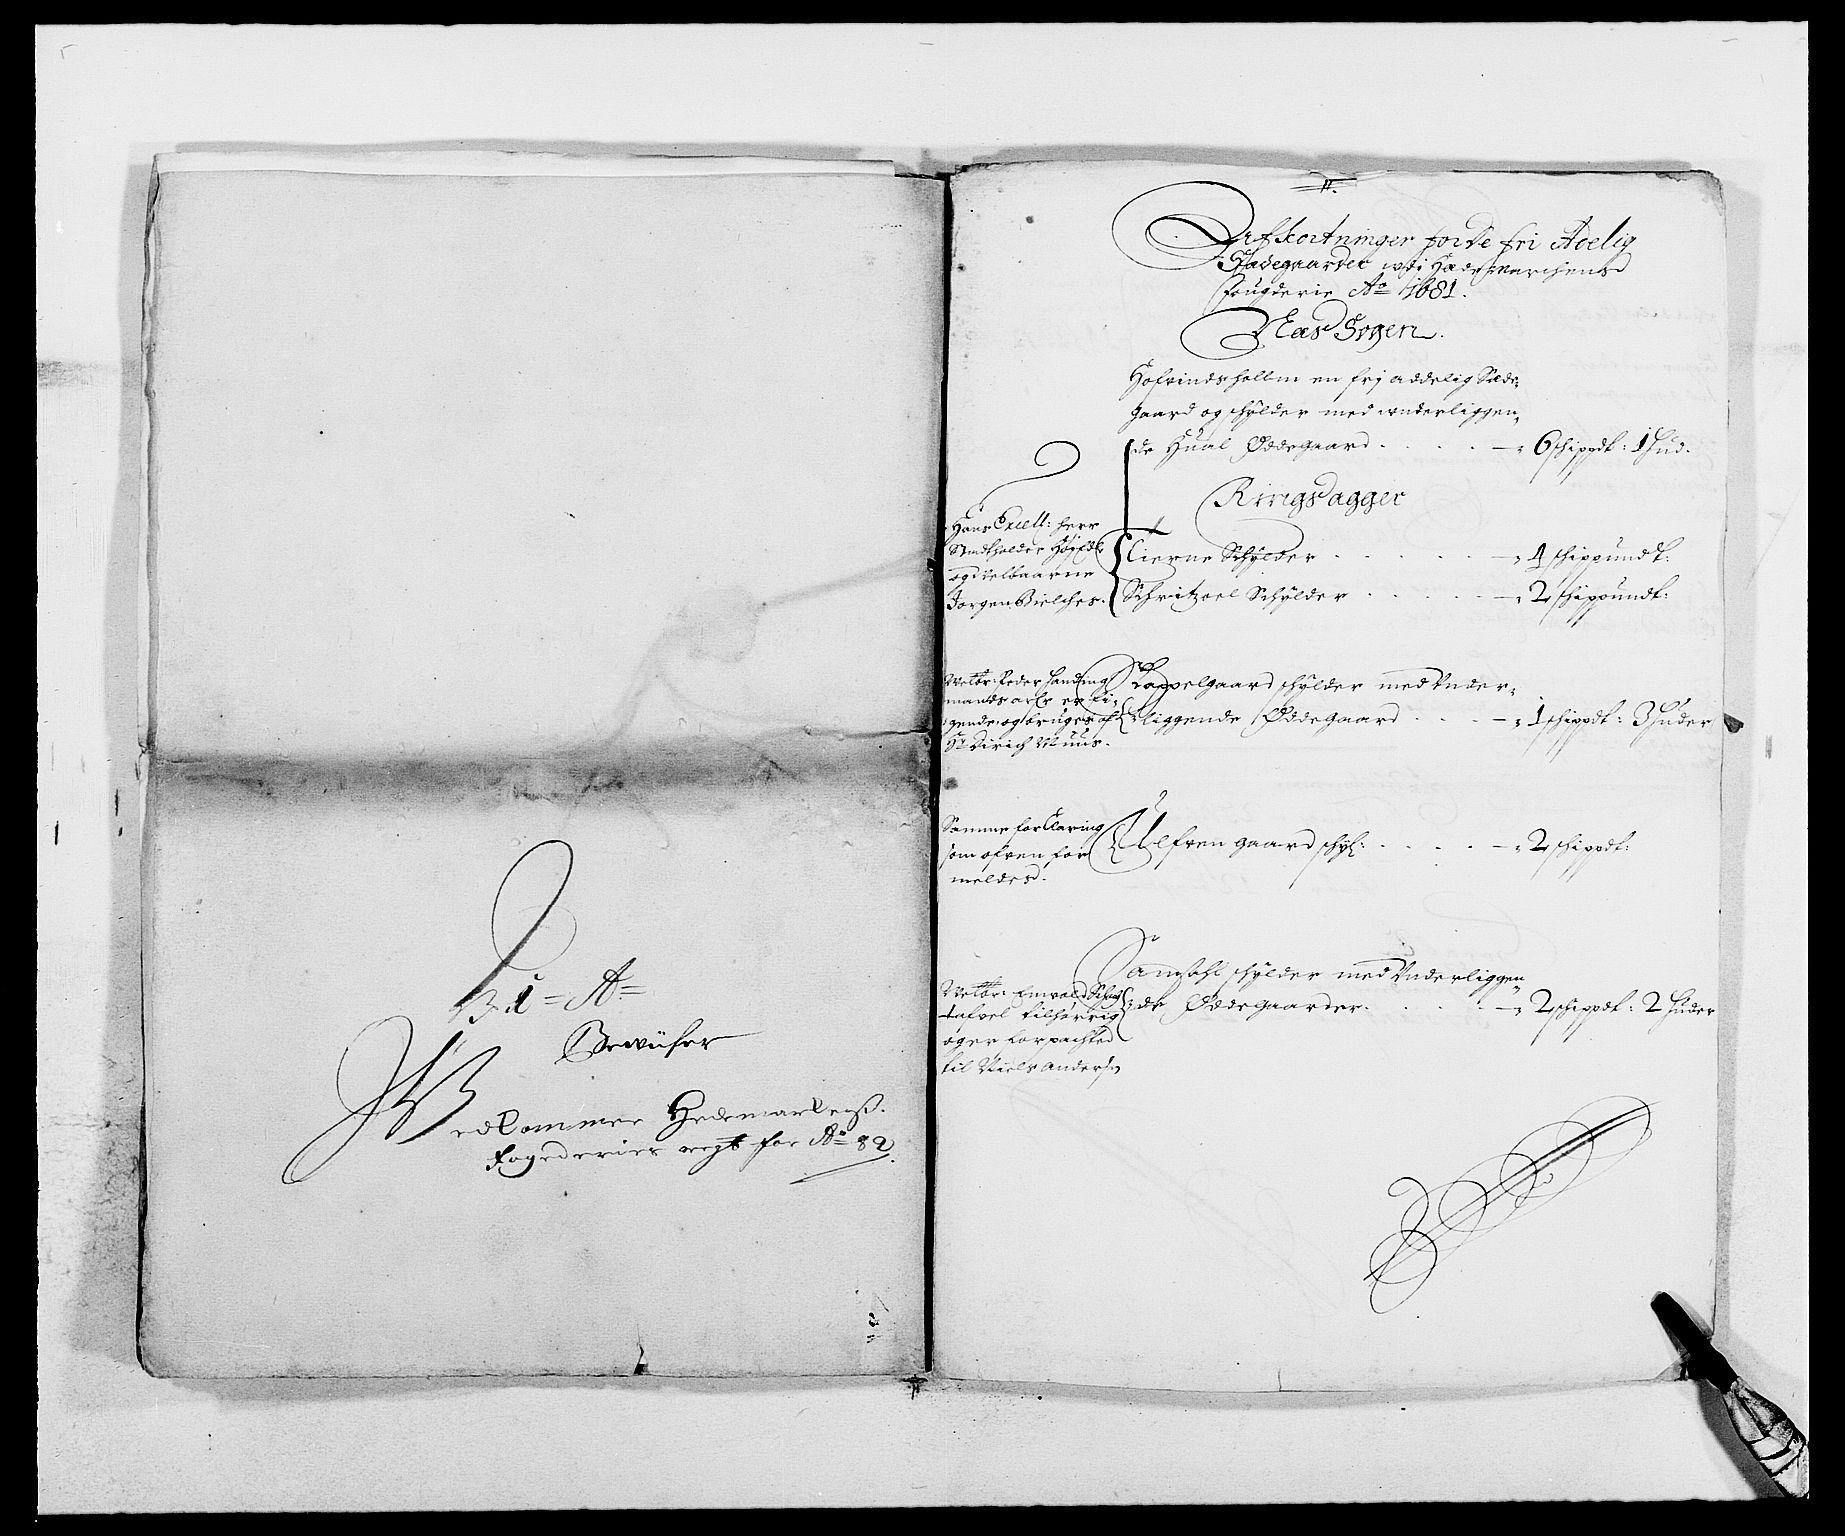 RA, Rentekammeret inntil 1814, Reviderte regnskaper, Fogderegnskap, R16/L1023: Fogderegnskap Hedmark, 1682, s. 302